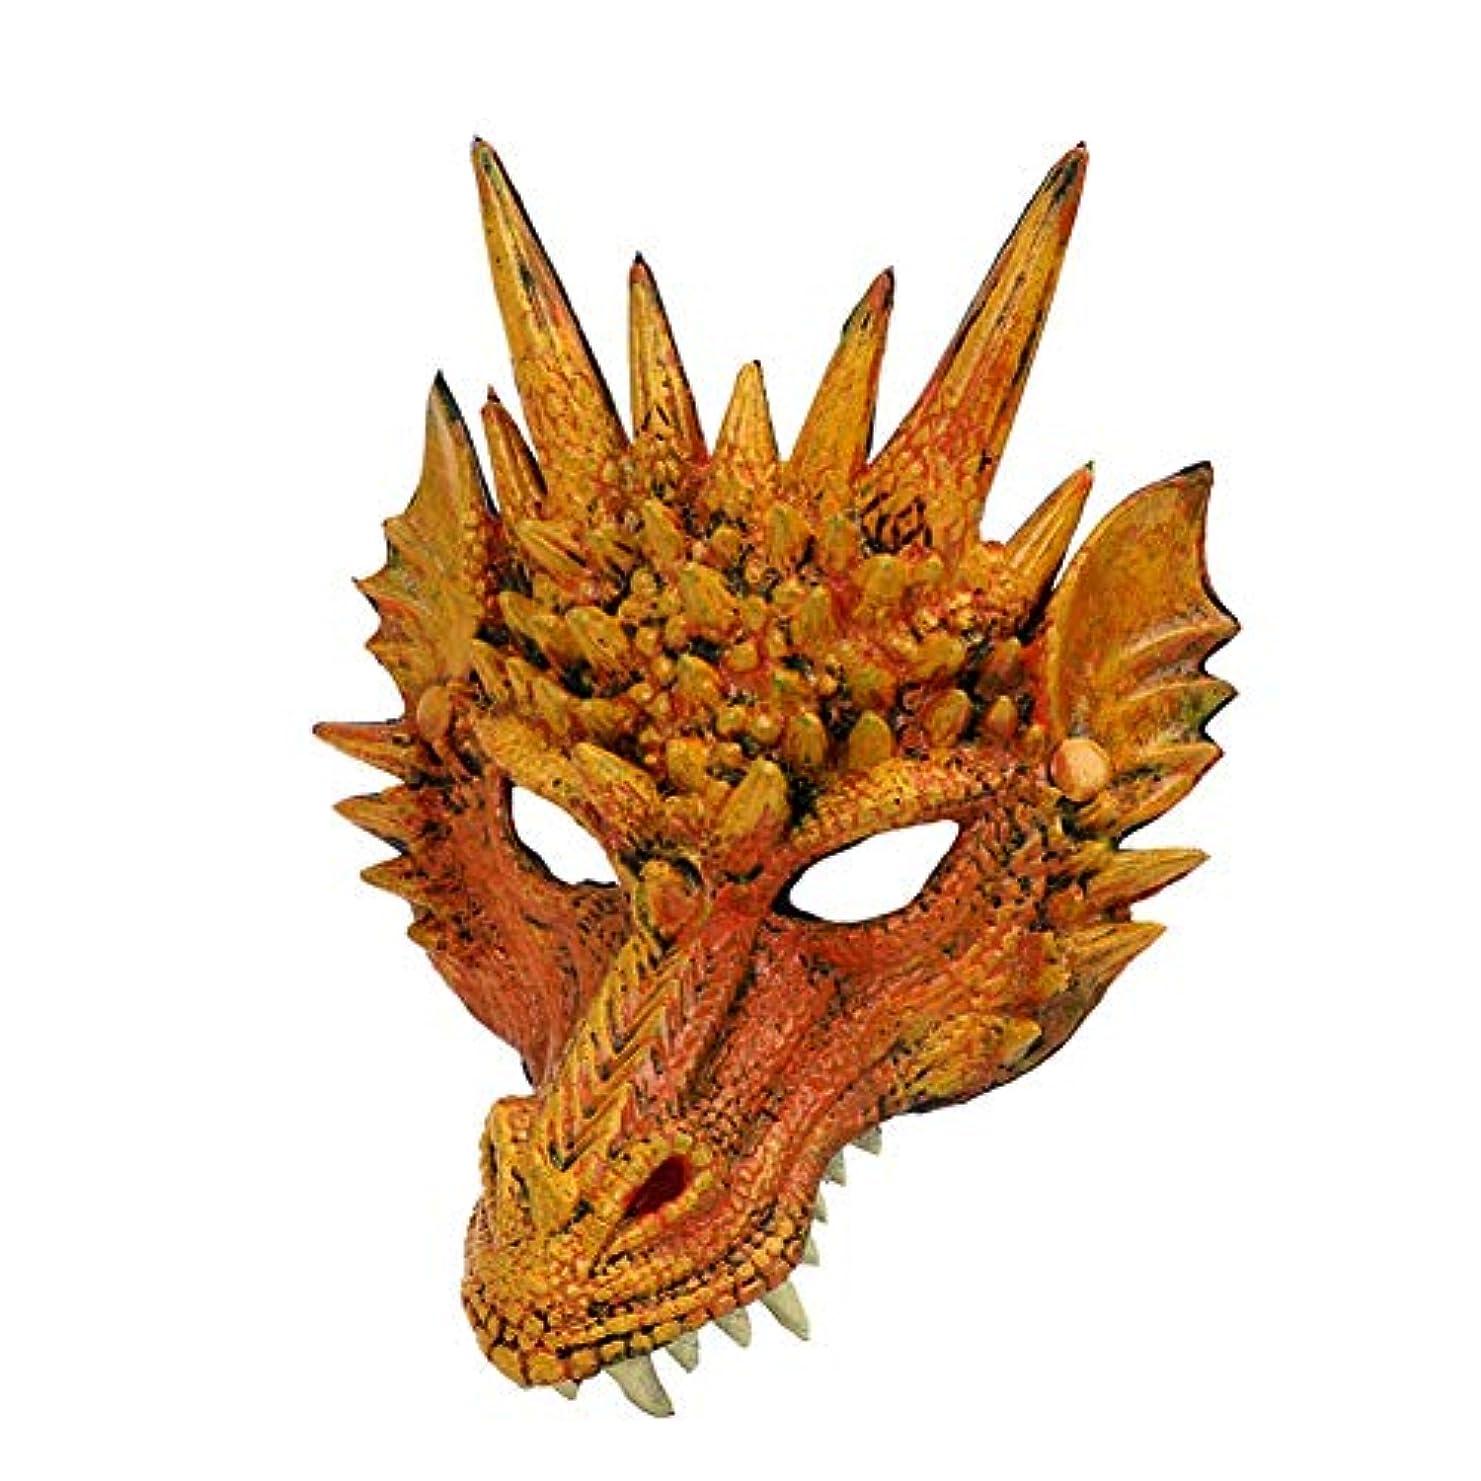 熟読レキシコン法律によりEsolom 4Dドラゴンマスク ハーフマスク 10代の子供のためのハロウィンコスチューム パーティーの装飾 テーマパーティー用品 ドラゴンコスプレ小道具